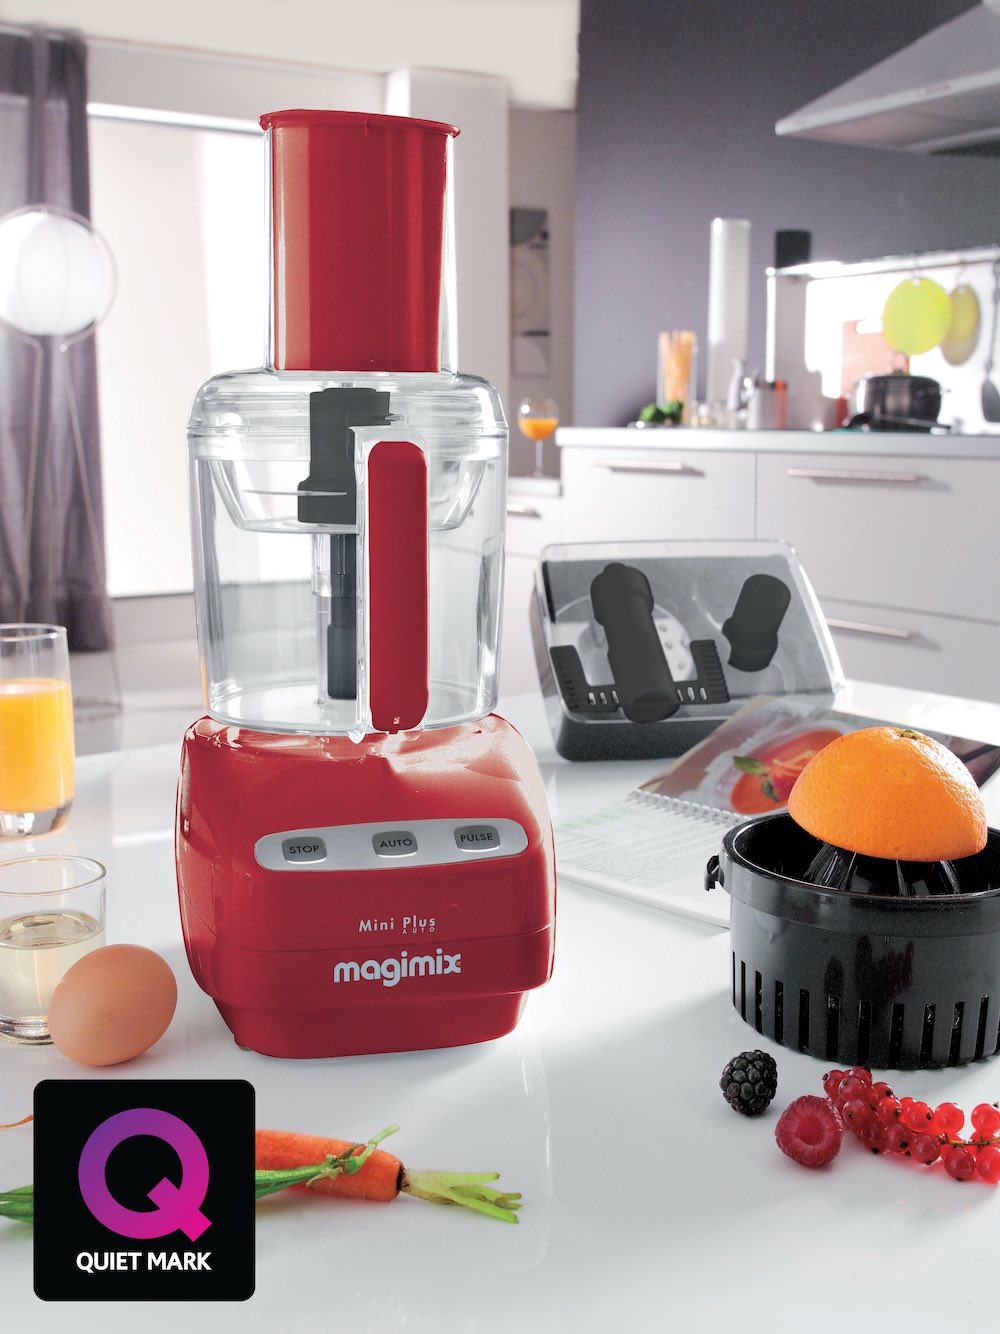 Quiet Mark Magimix Le Mini Plus Food Processor